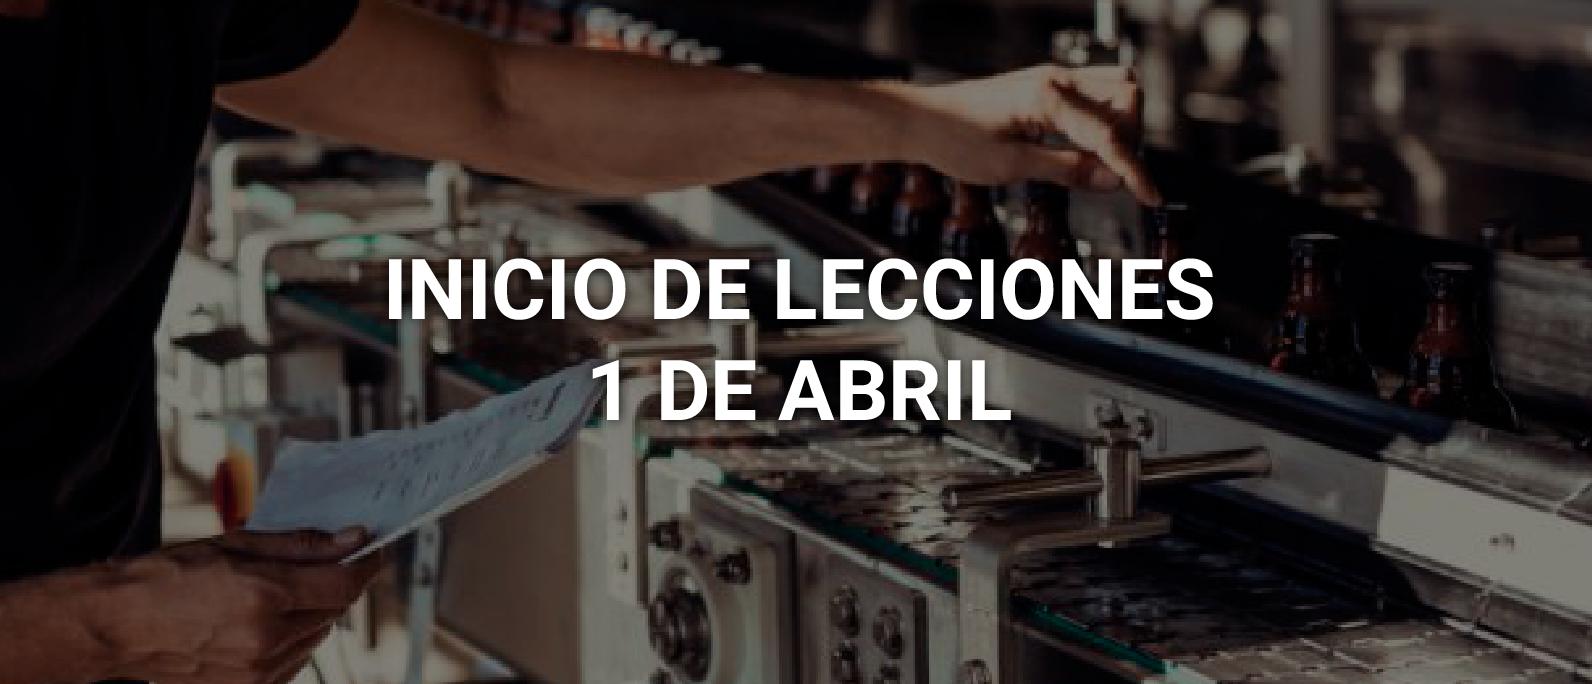 banner inicio lecciones 1 de abril técnico en supervisión de producción